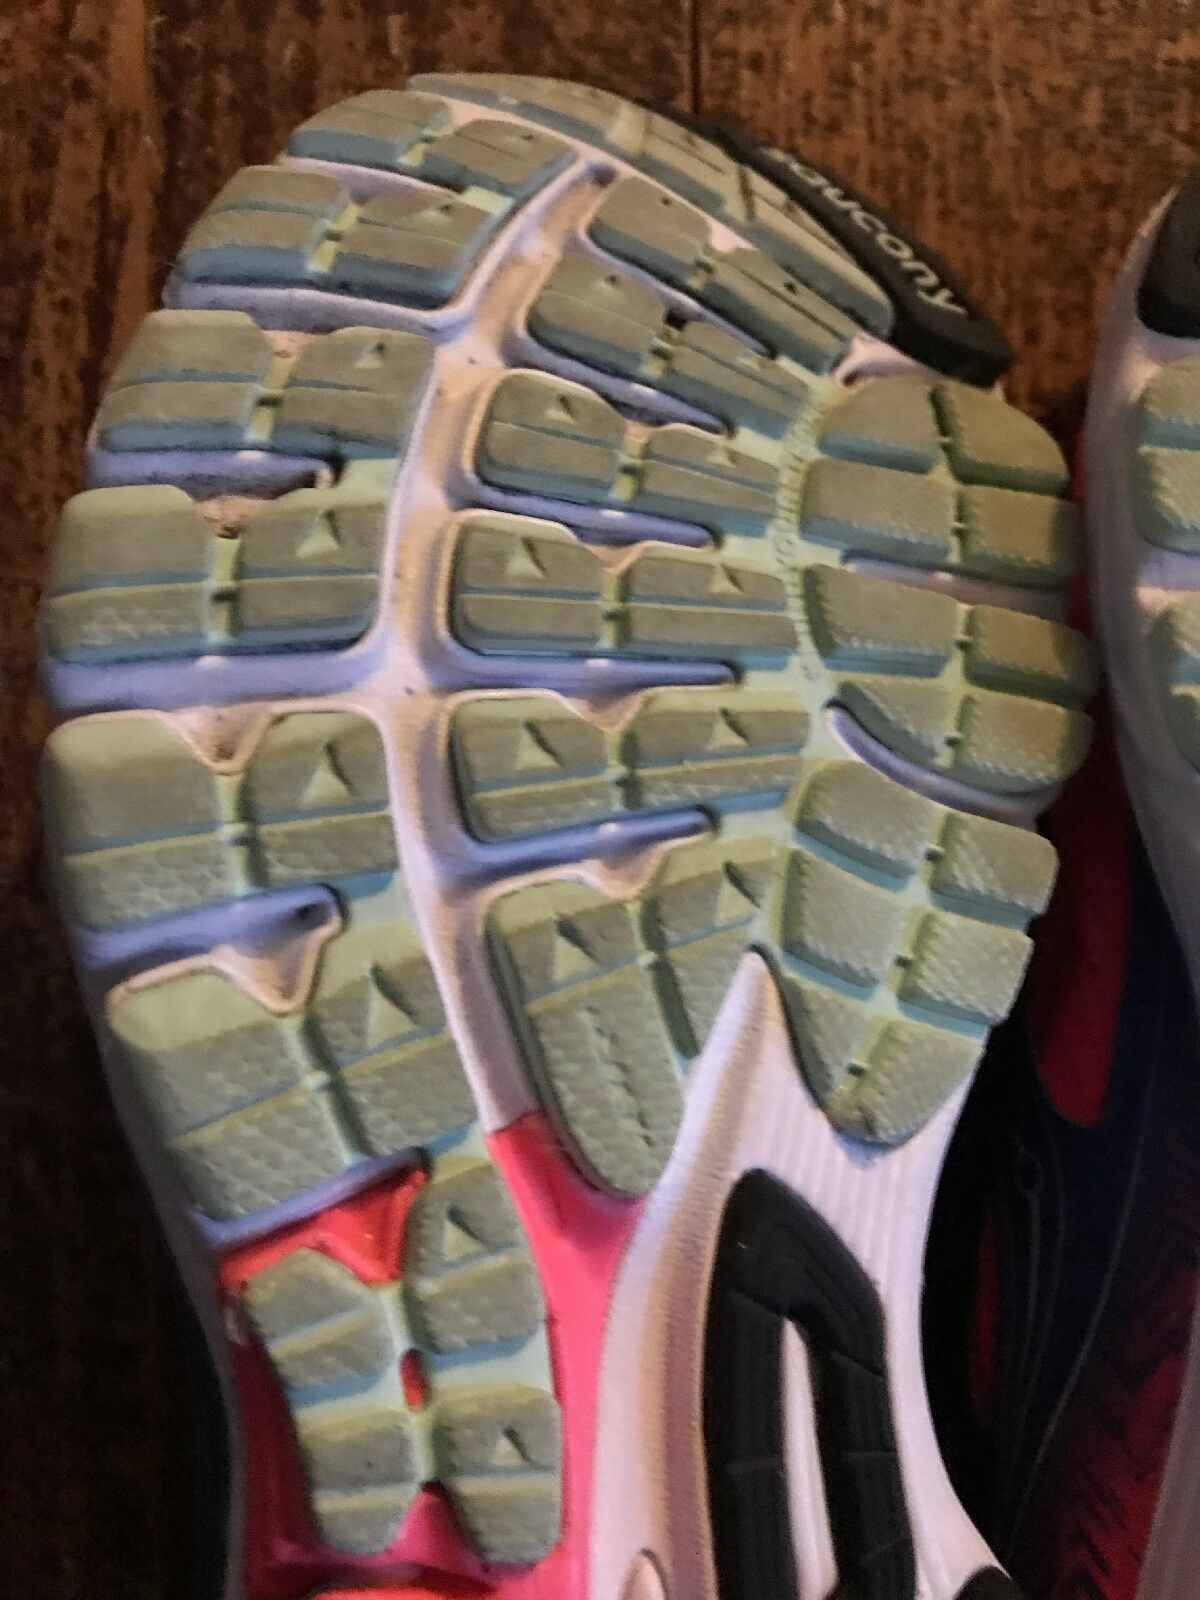 Saucony Ride 8 Mujer rosado Azul Running Zapatos Zapatillas Tamaño Tamaño Tamaño 8 medio utilizado. e82872